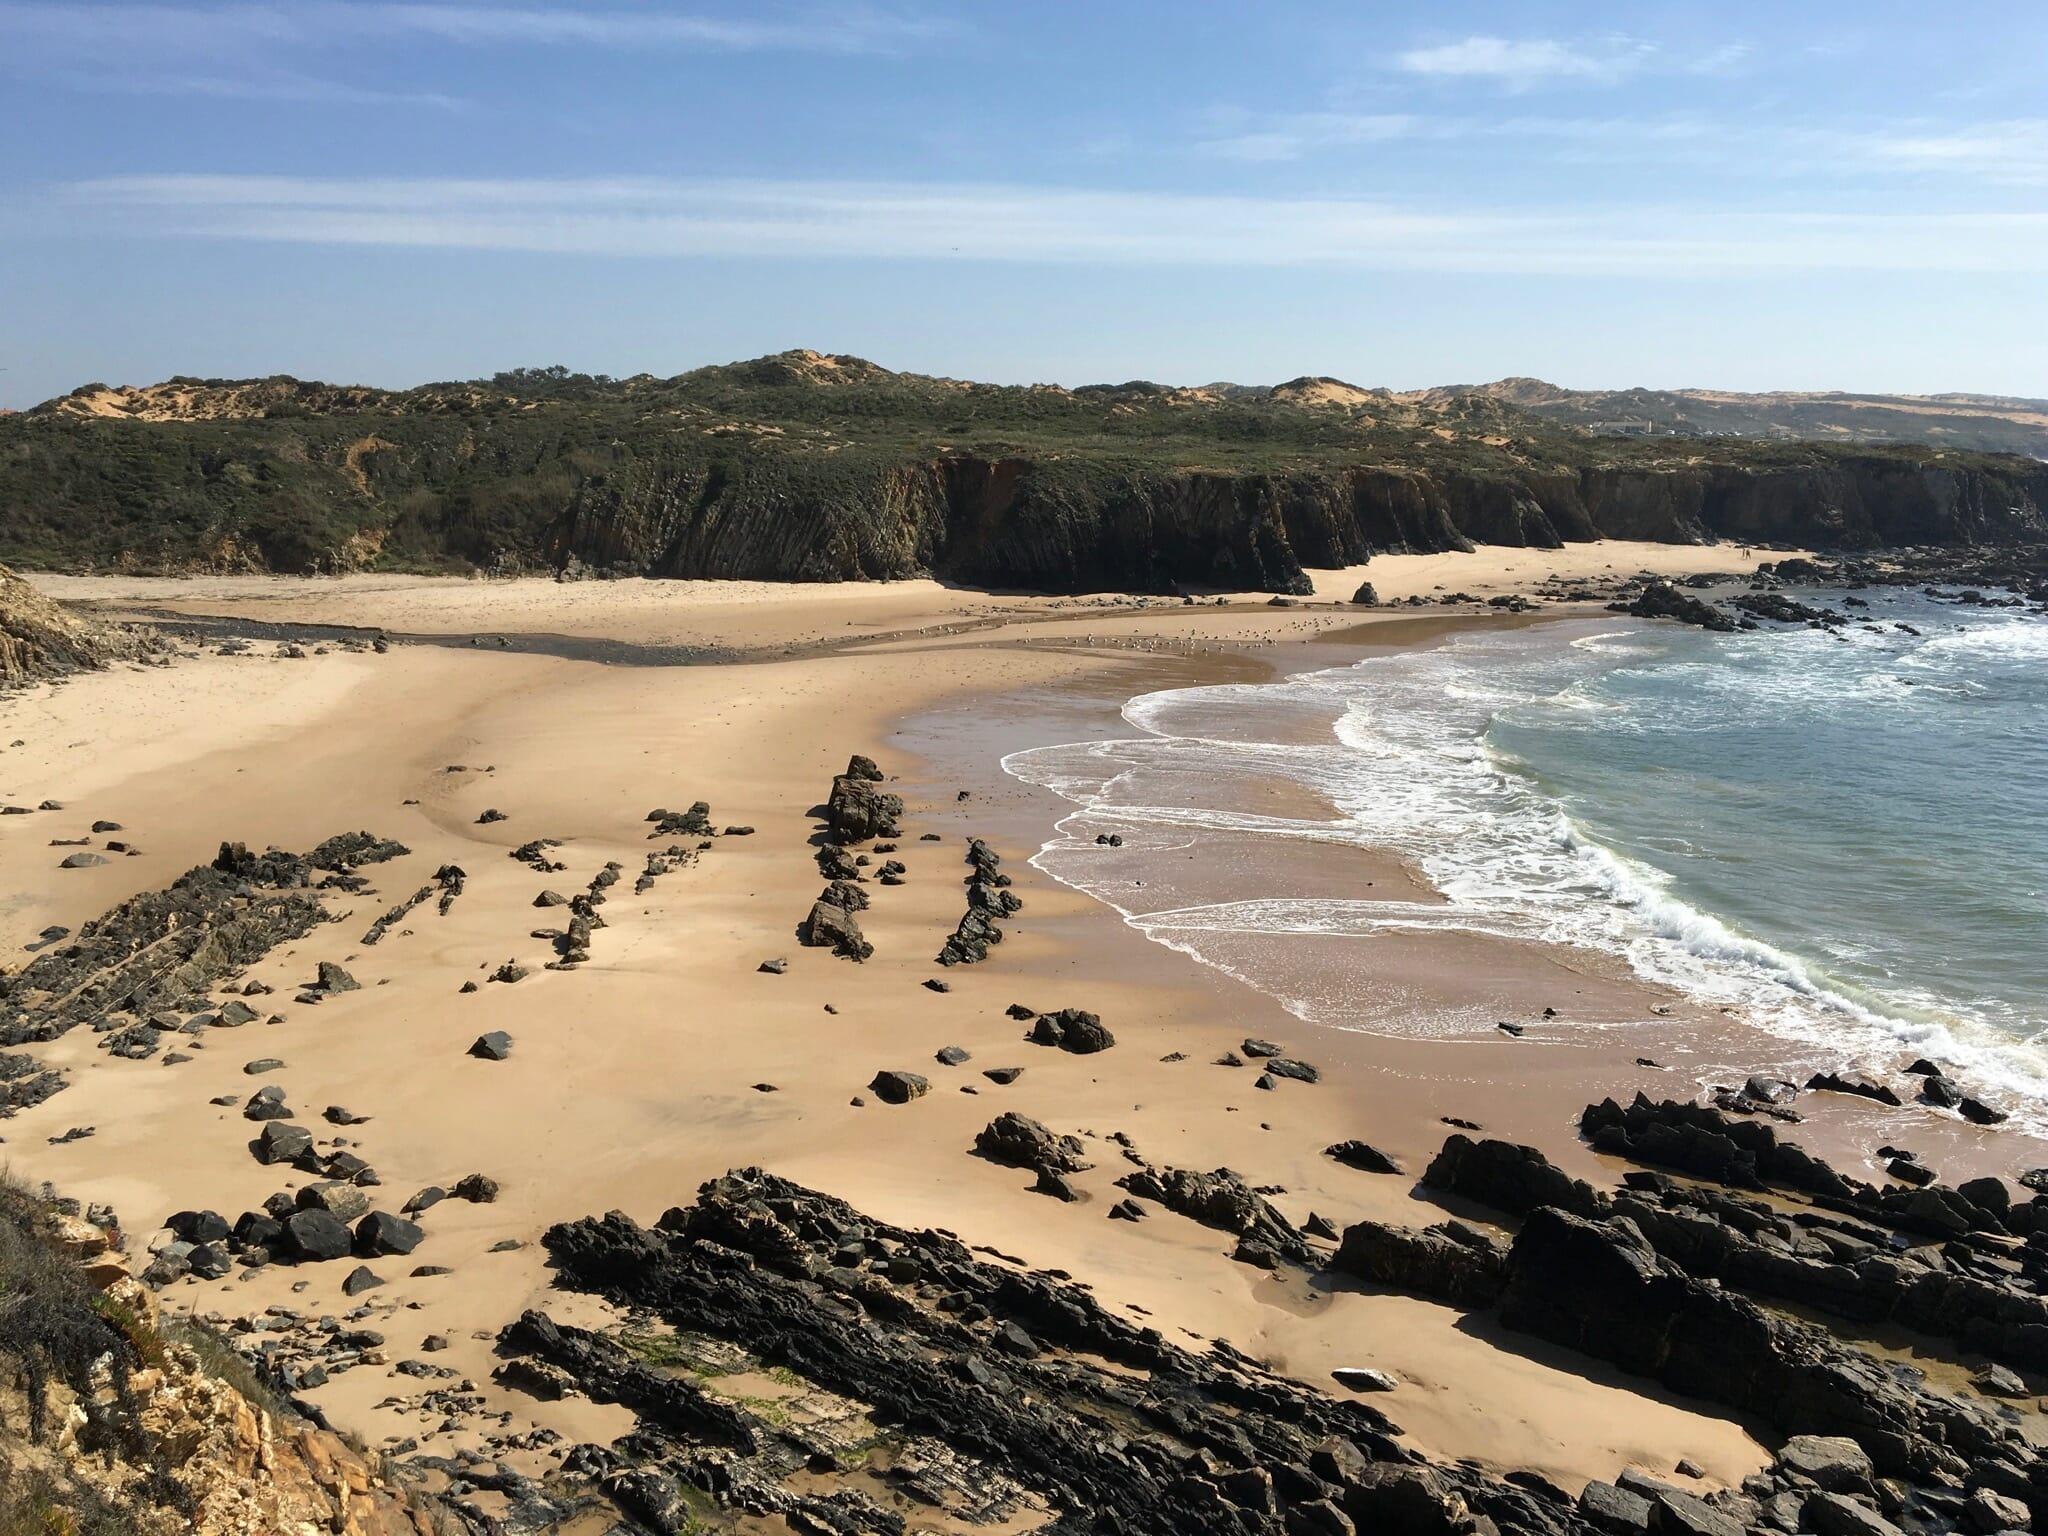 Enjoying the view before descending to Praia da Foz dos Ouriços